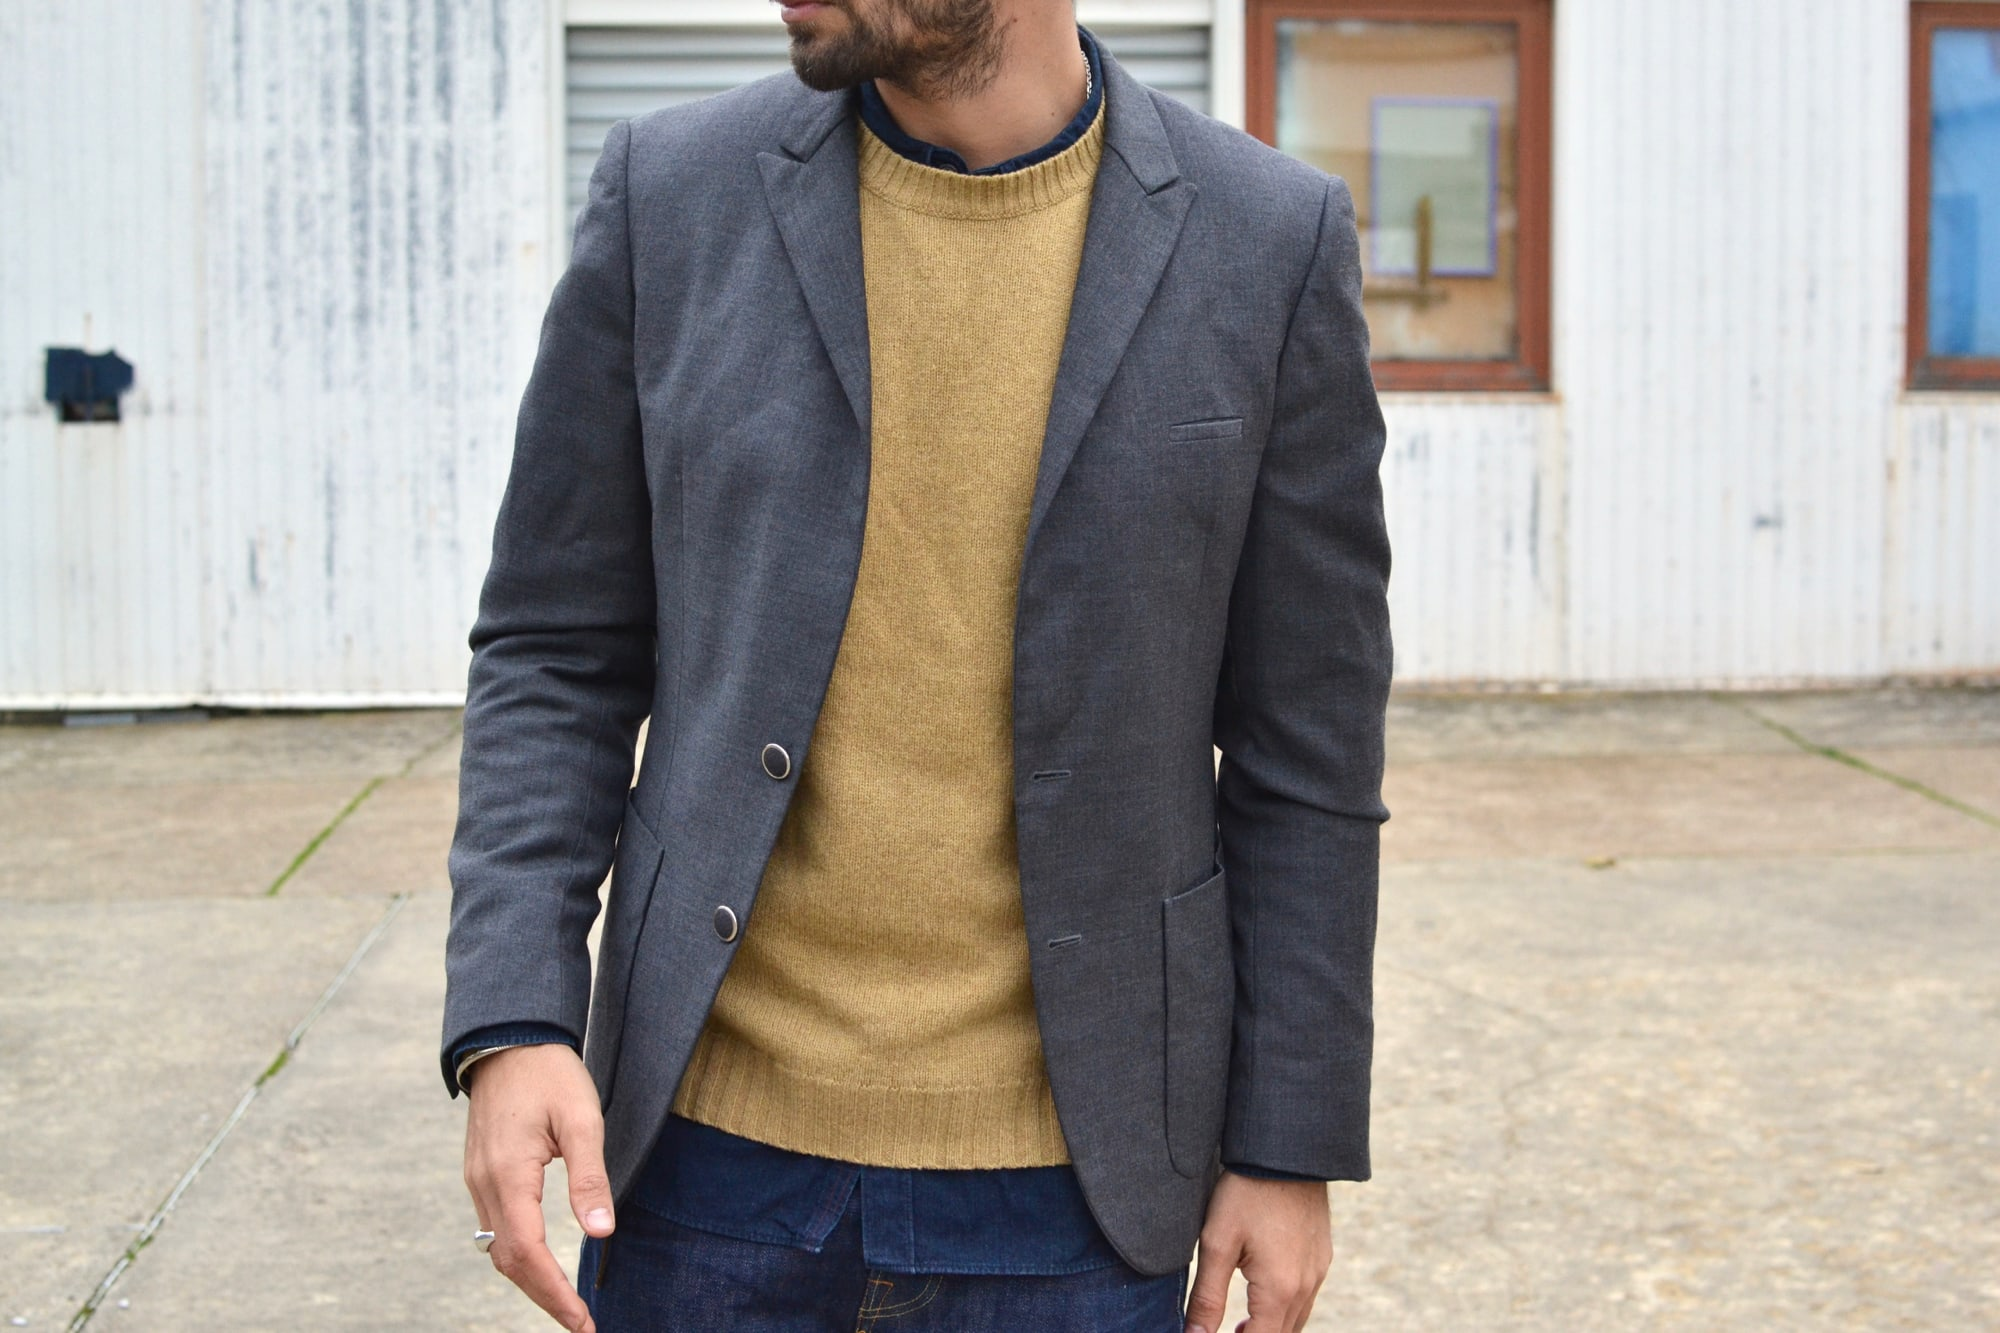 style casual chic et détails de matières, couleurs et textures avec ce blazer en laine grise, ce pull shetland jaune et une touche de coton indigo